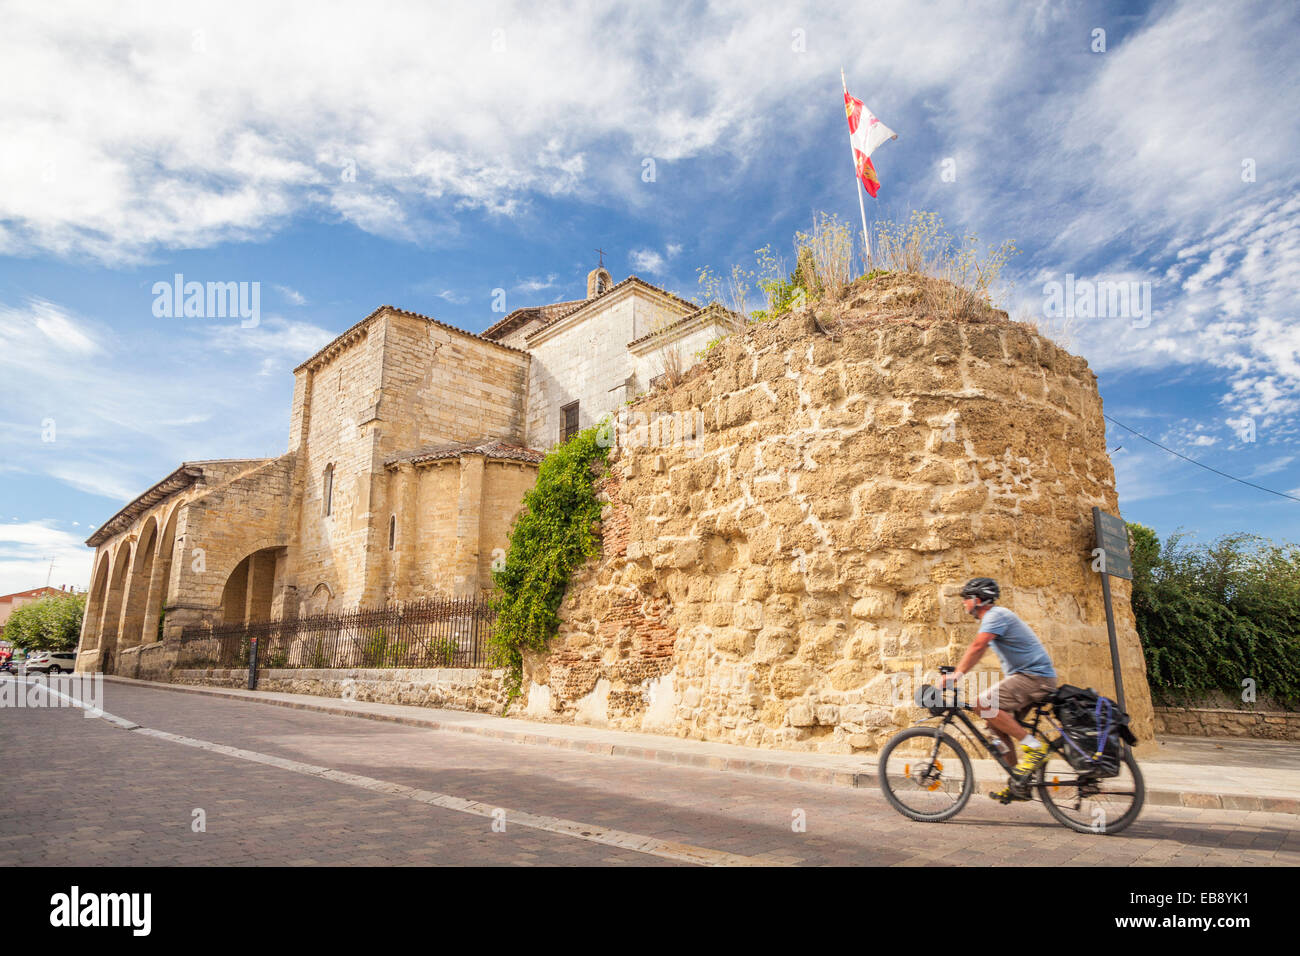 Church of Santa Maria del Camino in Carrion de los Condes, Way of St. James, Palencia, Spain - Stock Image